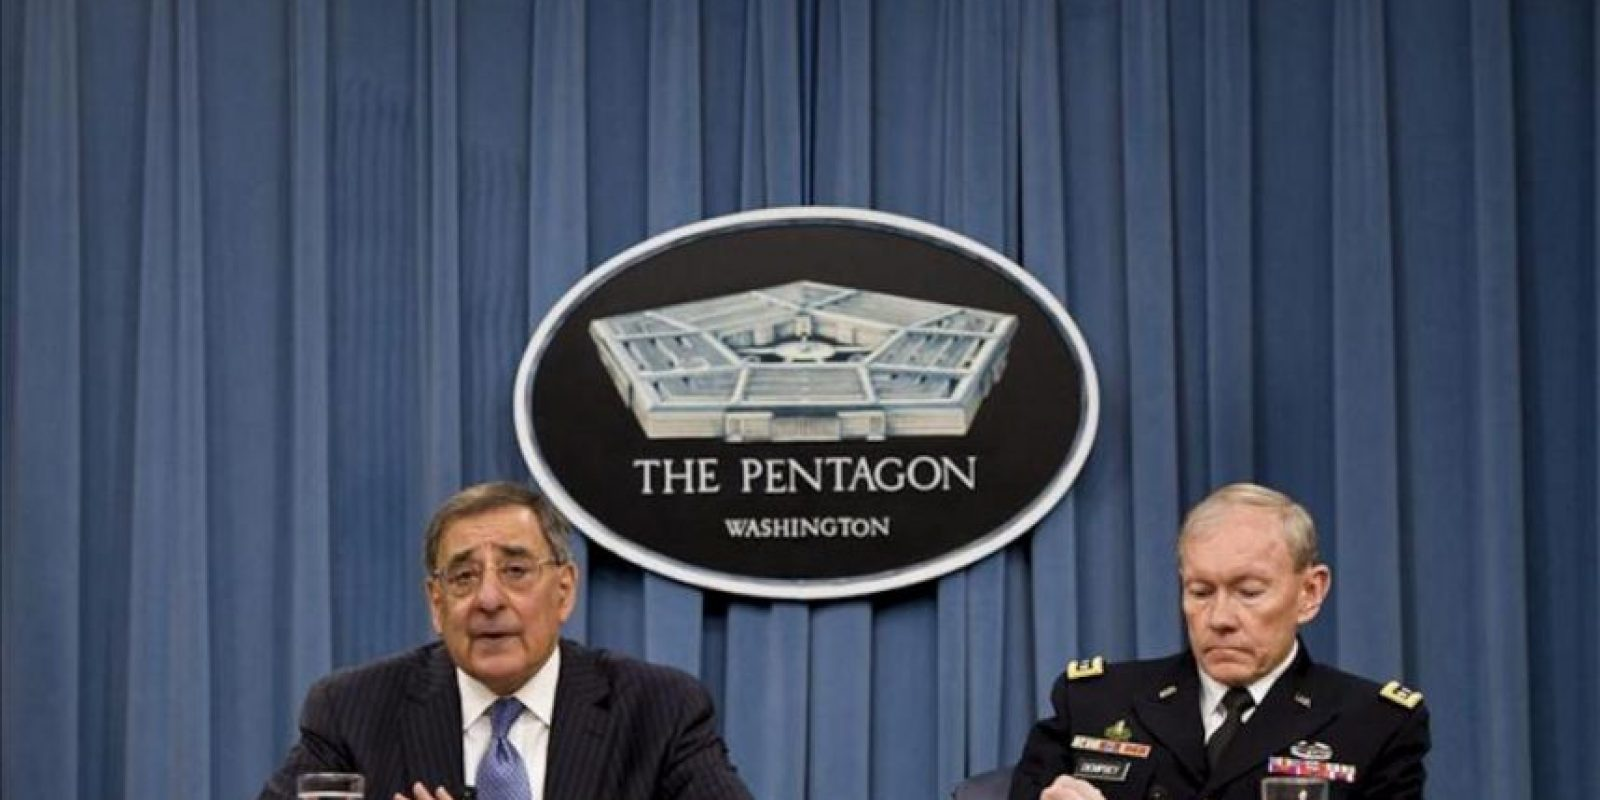 El secretario de Defensa estadounidense, Leon Panetta (i) y el jefe del Estado Mayor Conjunto de EE.UU., general Martin Dempsey (d), participan en una conferencia de prensa en el Pentágono en Arlington. EFE